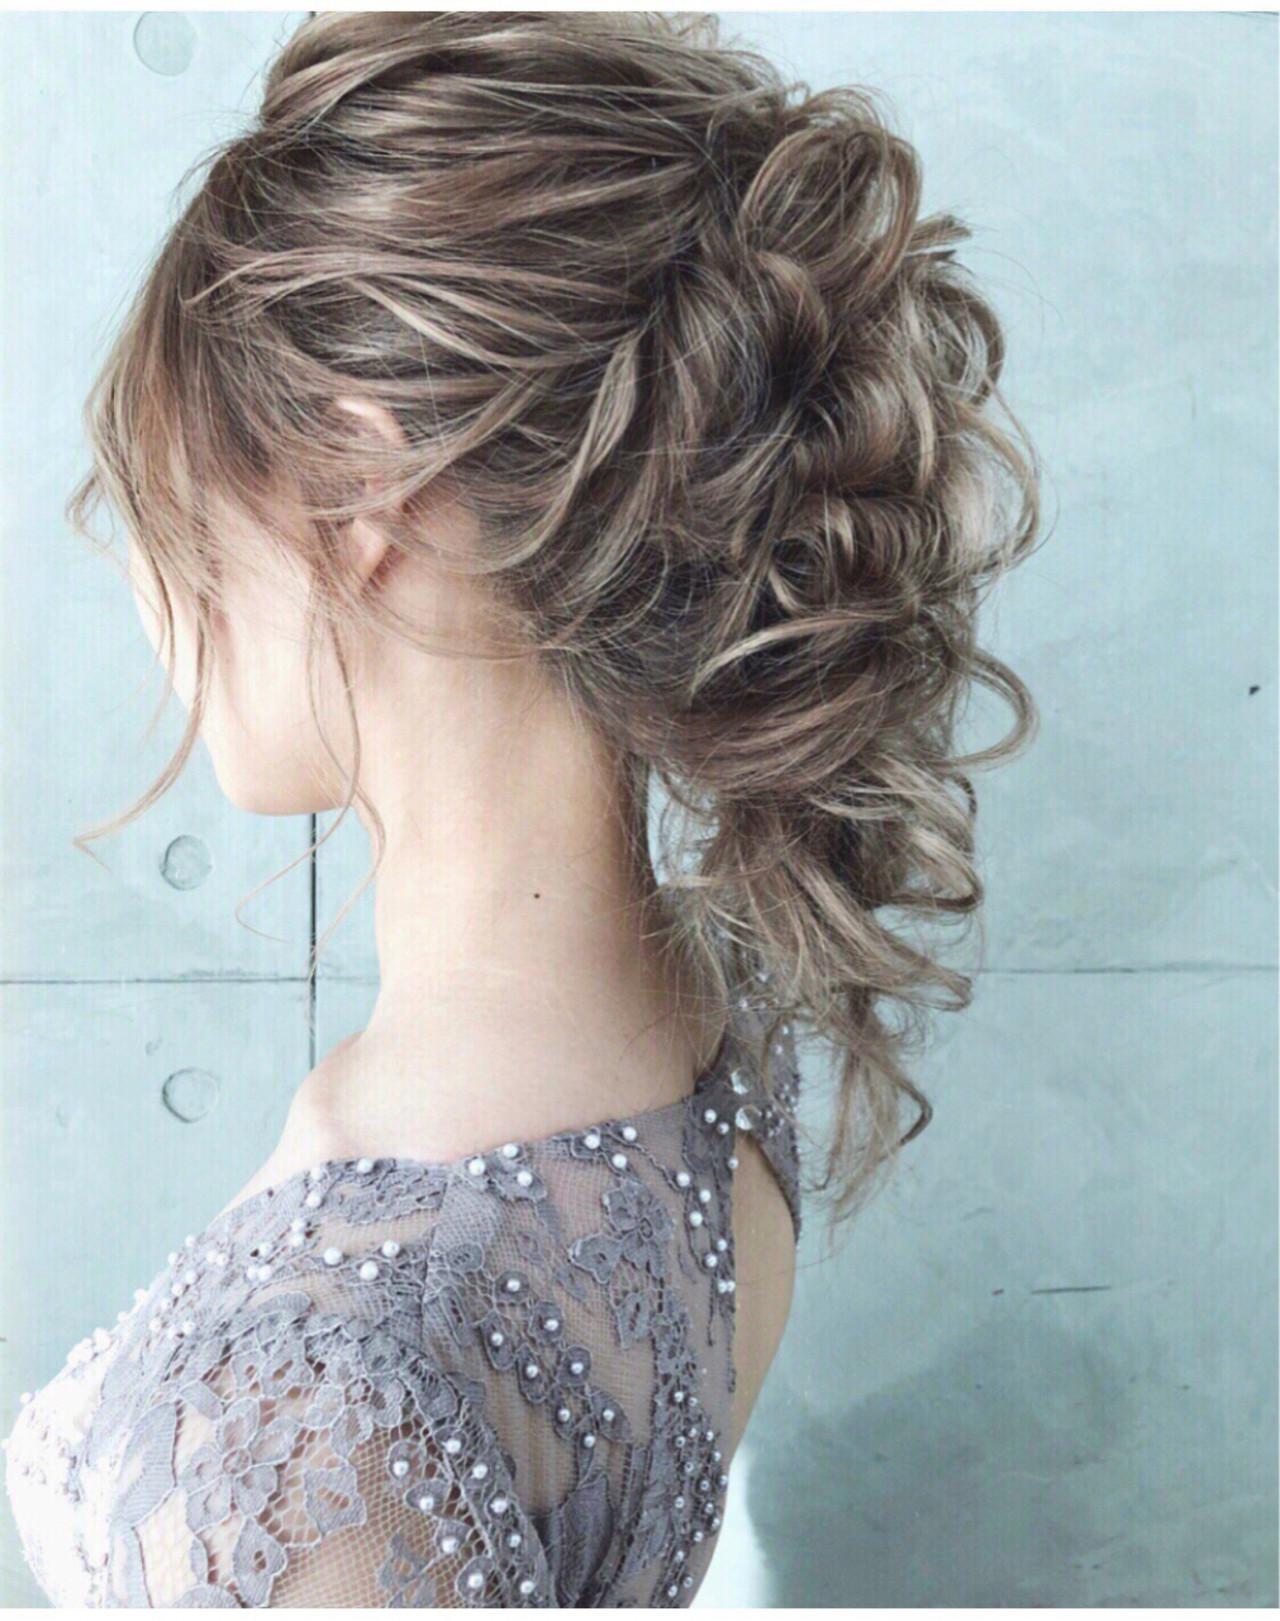 上品 アンニュイ ヘアアレンジ エレガント ヘアスタイルや髪型の写真・画像